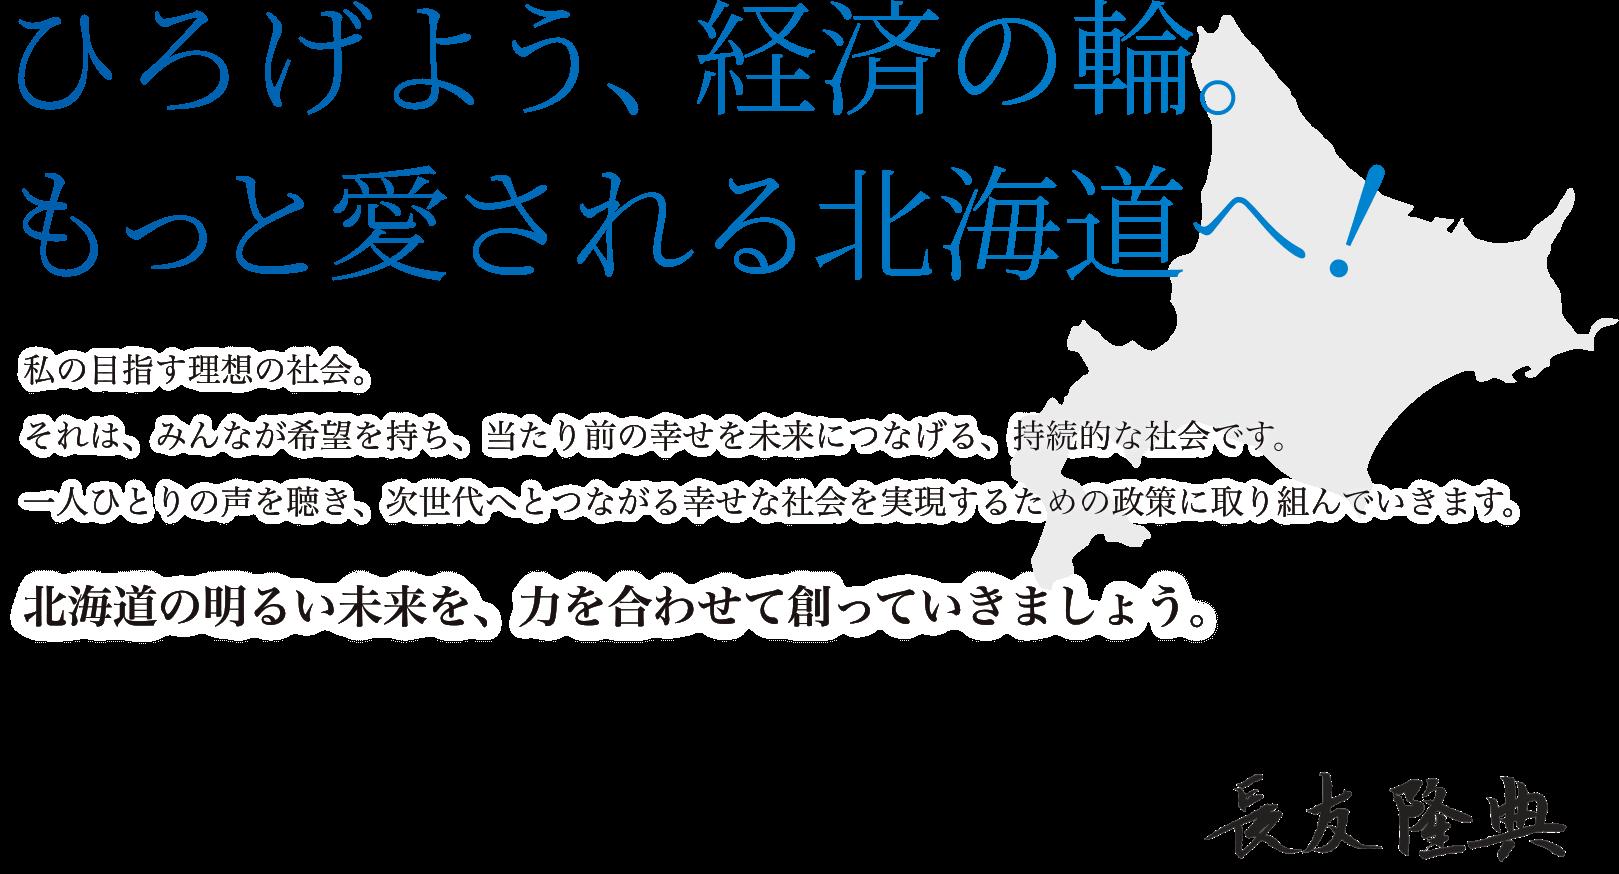 ひろげよう、経済の輪。もっと愛される北海道へ!